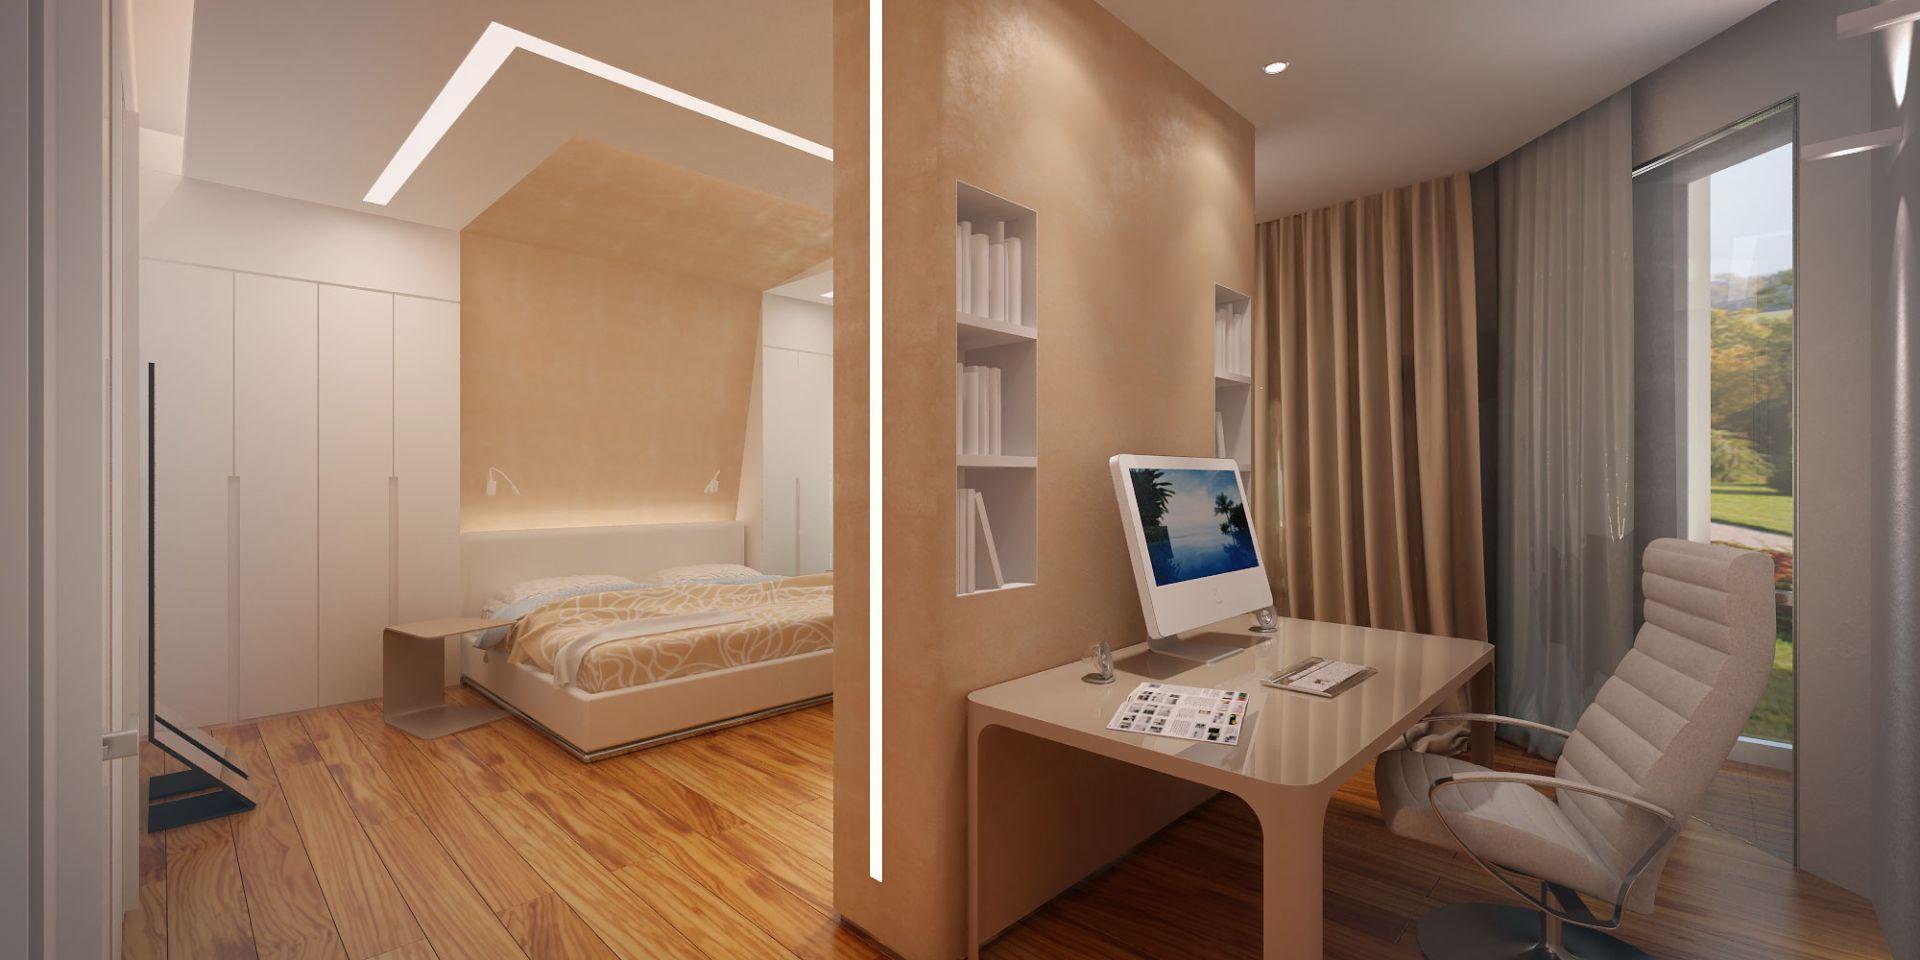 Освещение в интерьере спальни с кабинетом